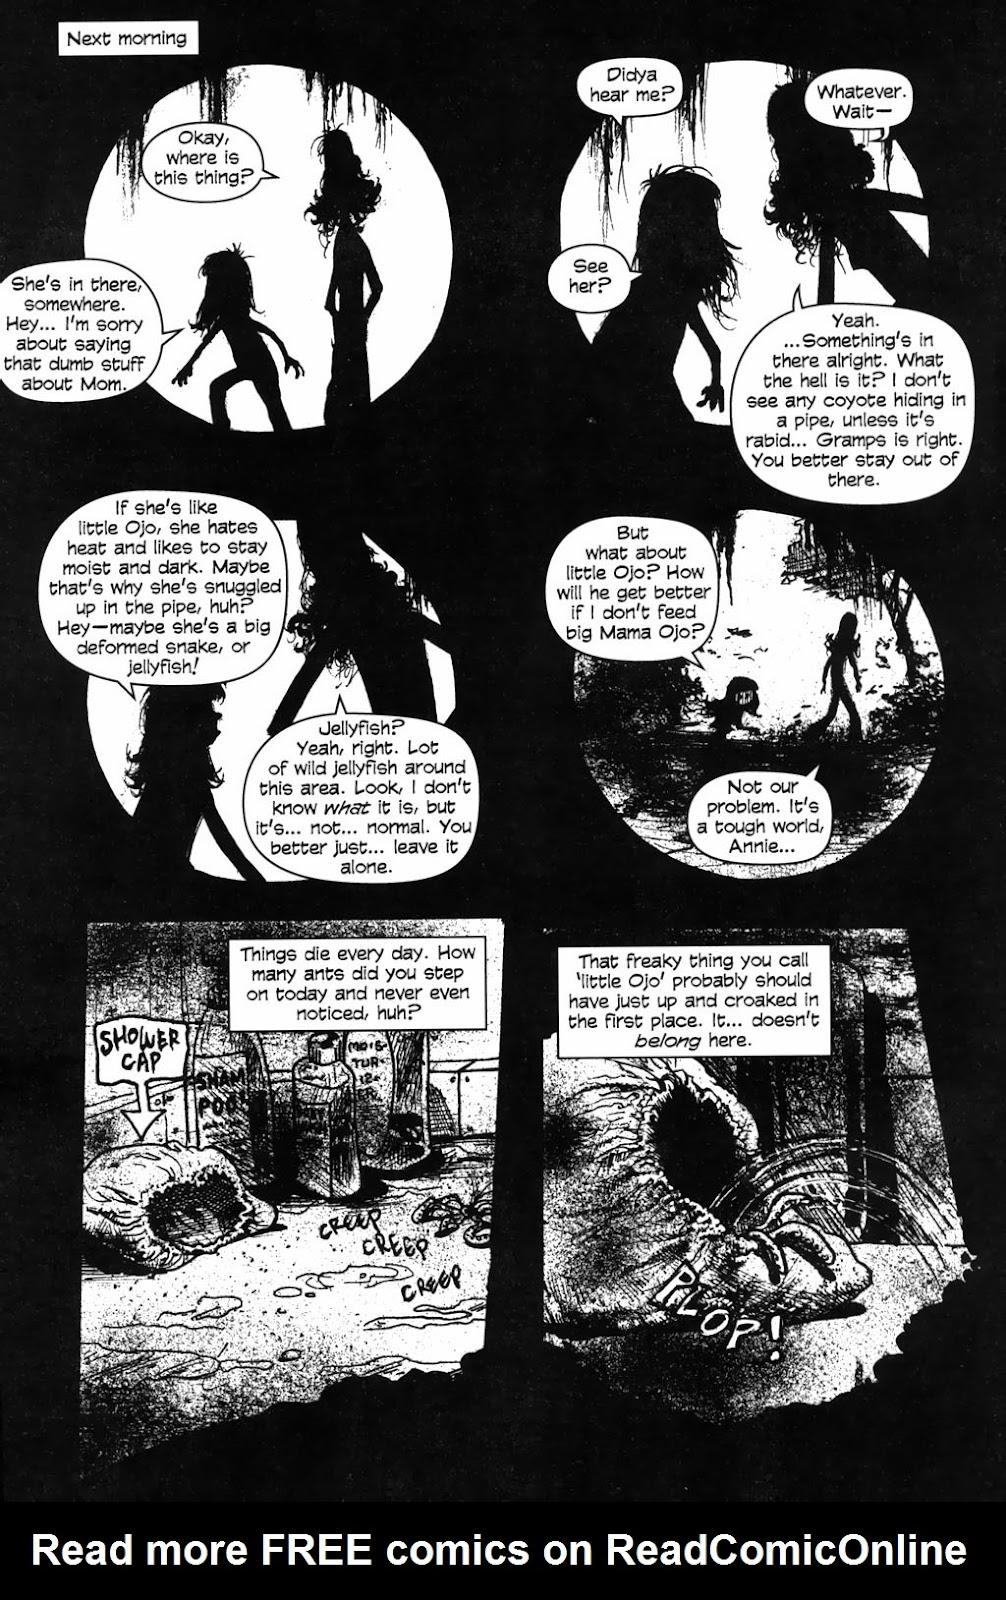 Read online Ojo comic -  Issue #2 - 22